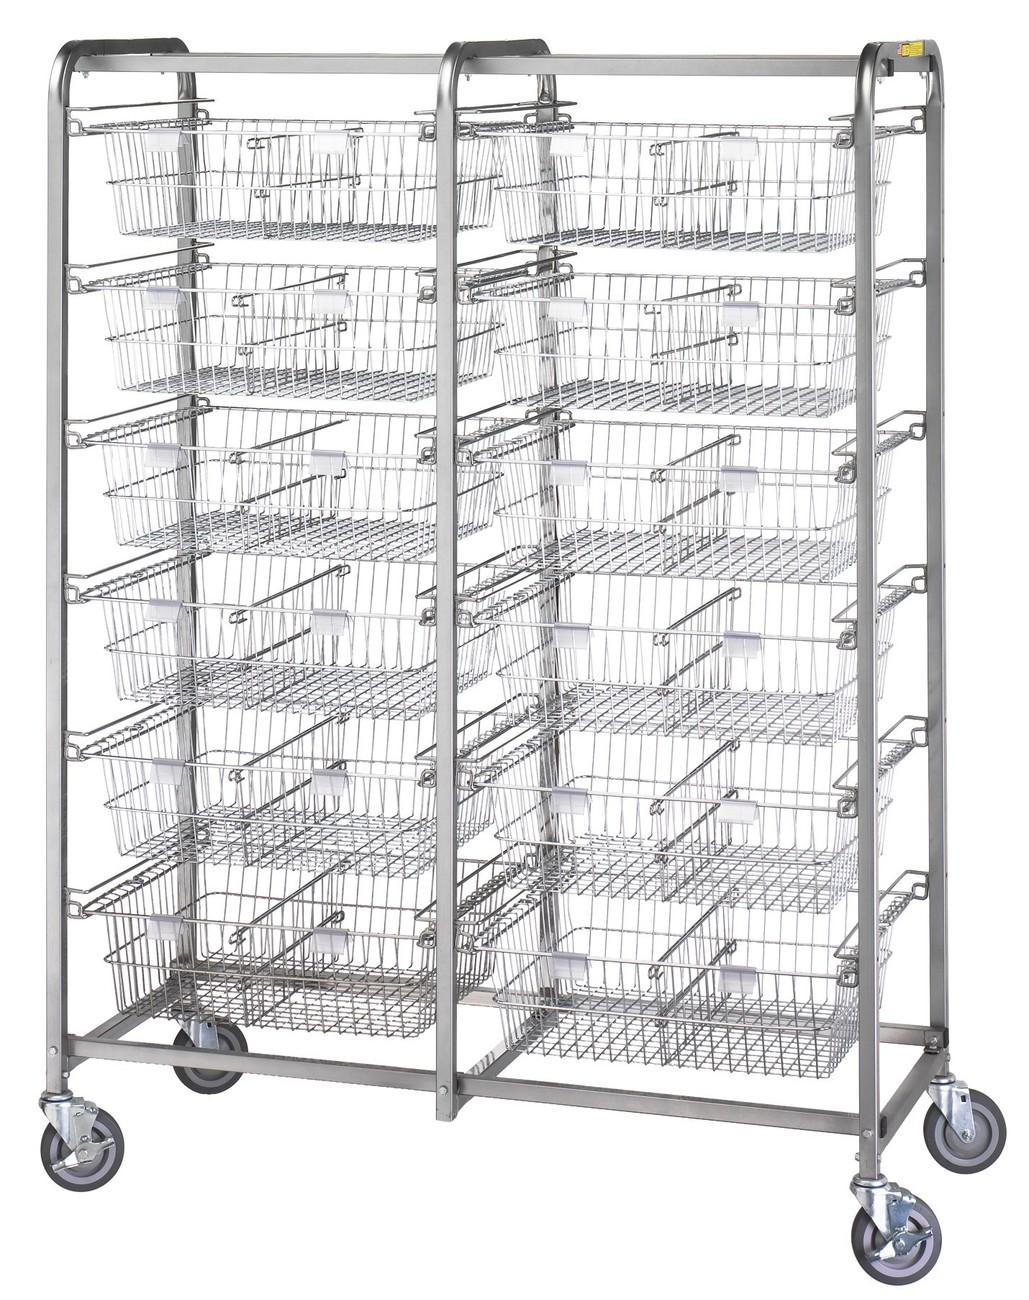 Twelve Basket Resident Item Cart Model Number 1012